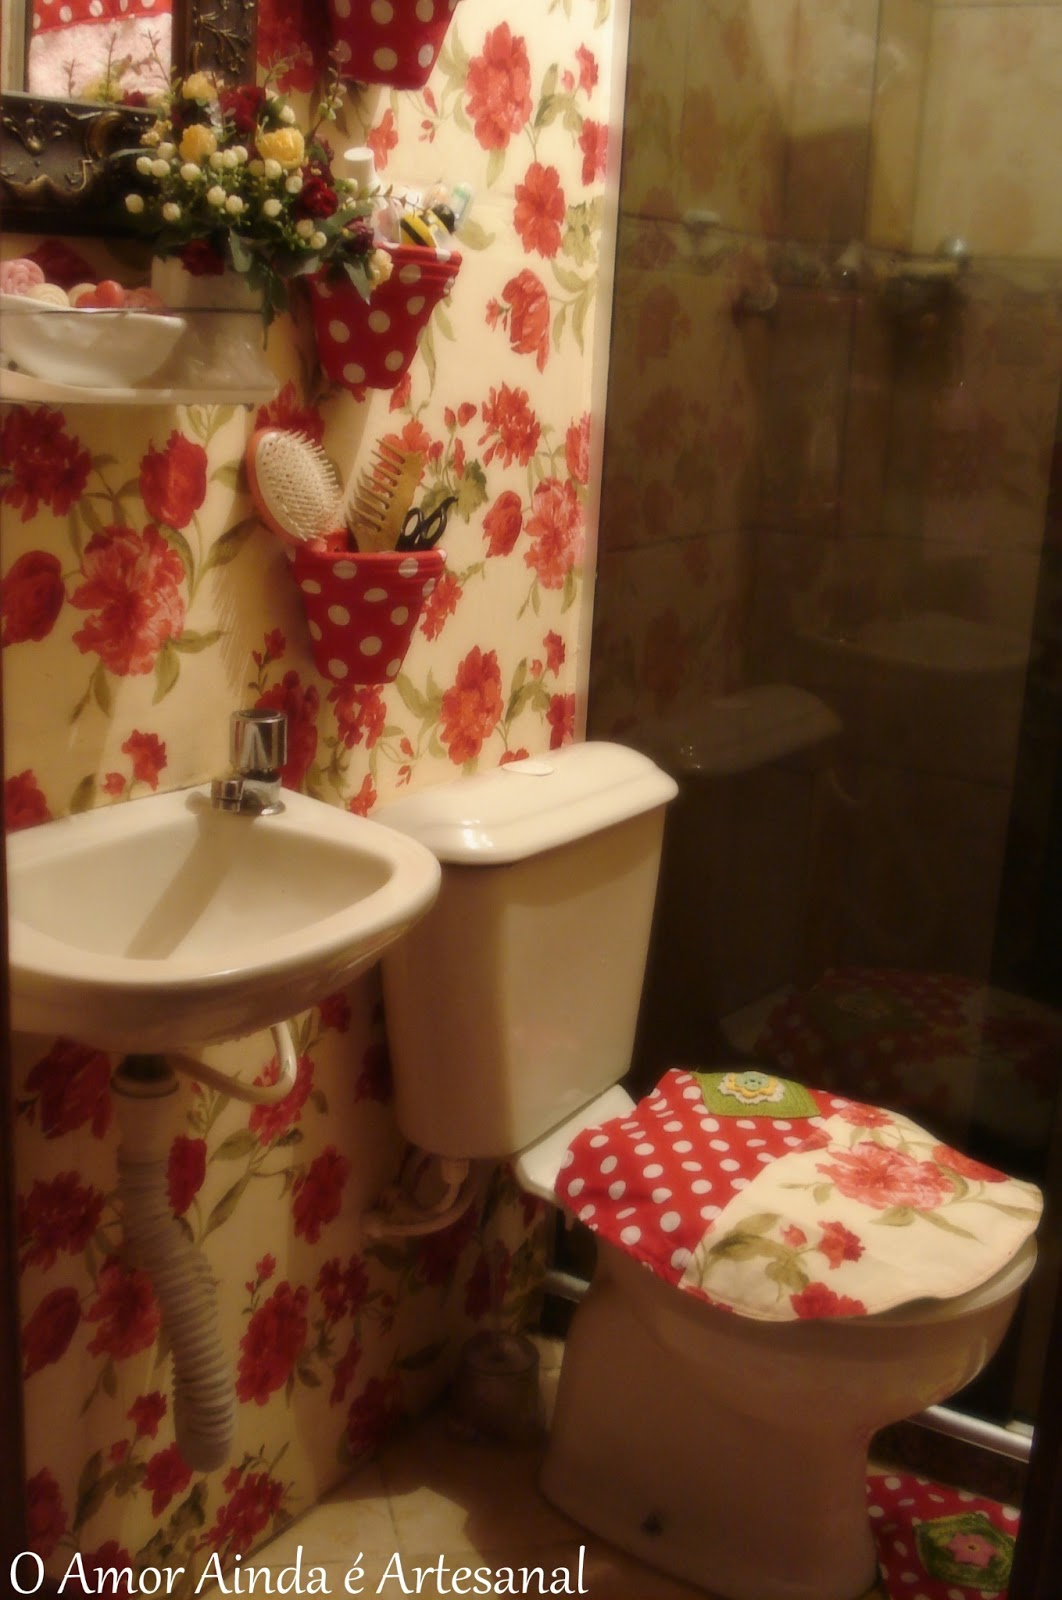 Os Vasinhos Para Colocar Penteescova Etcpois O Meu Banheiro Pictures #AE851D 1062 1600